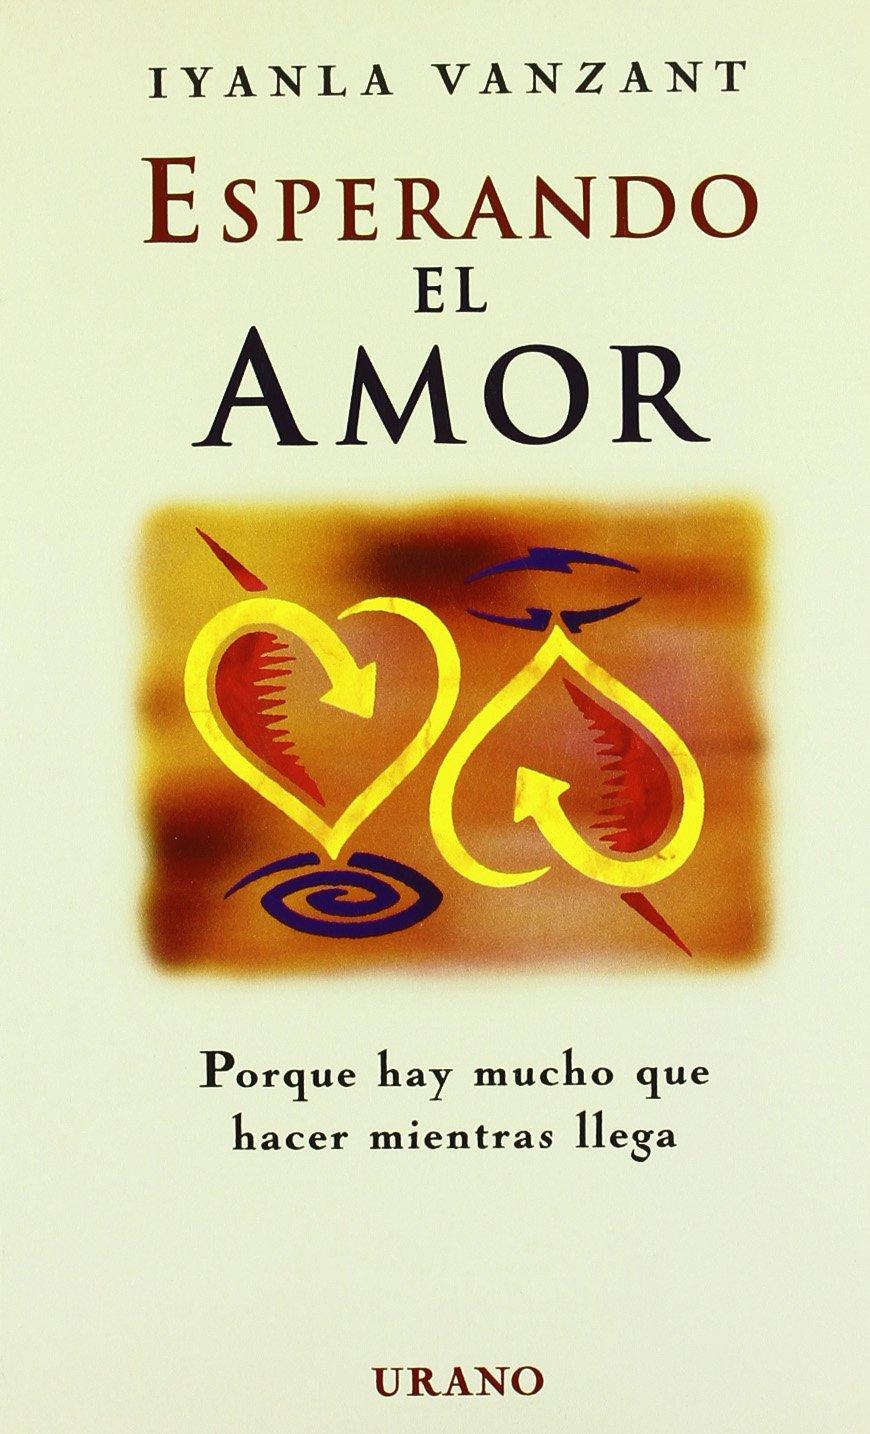 Esperando el amor: porque hay mucho que hacer mientras llega: Amazon.es: Iyanla Vanzant, Luz Hernández Gascón: Libros